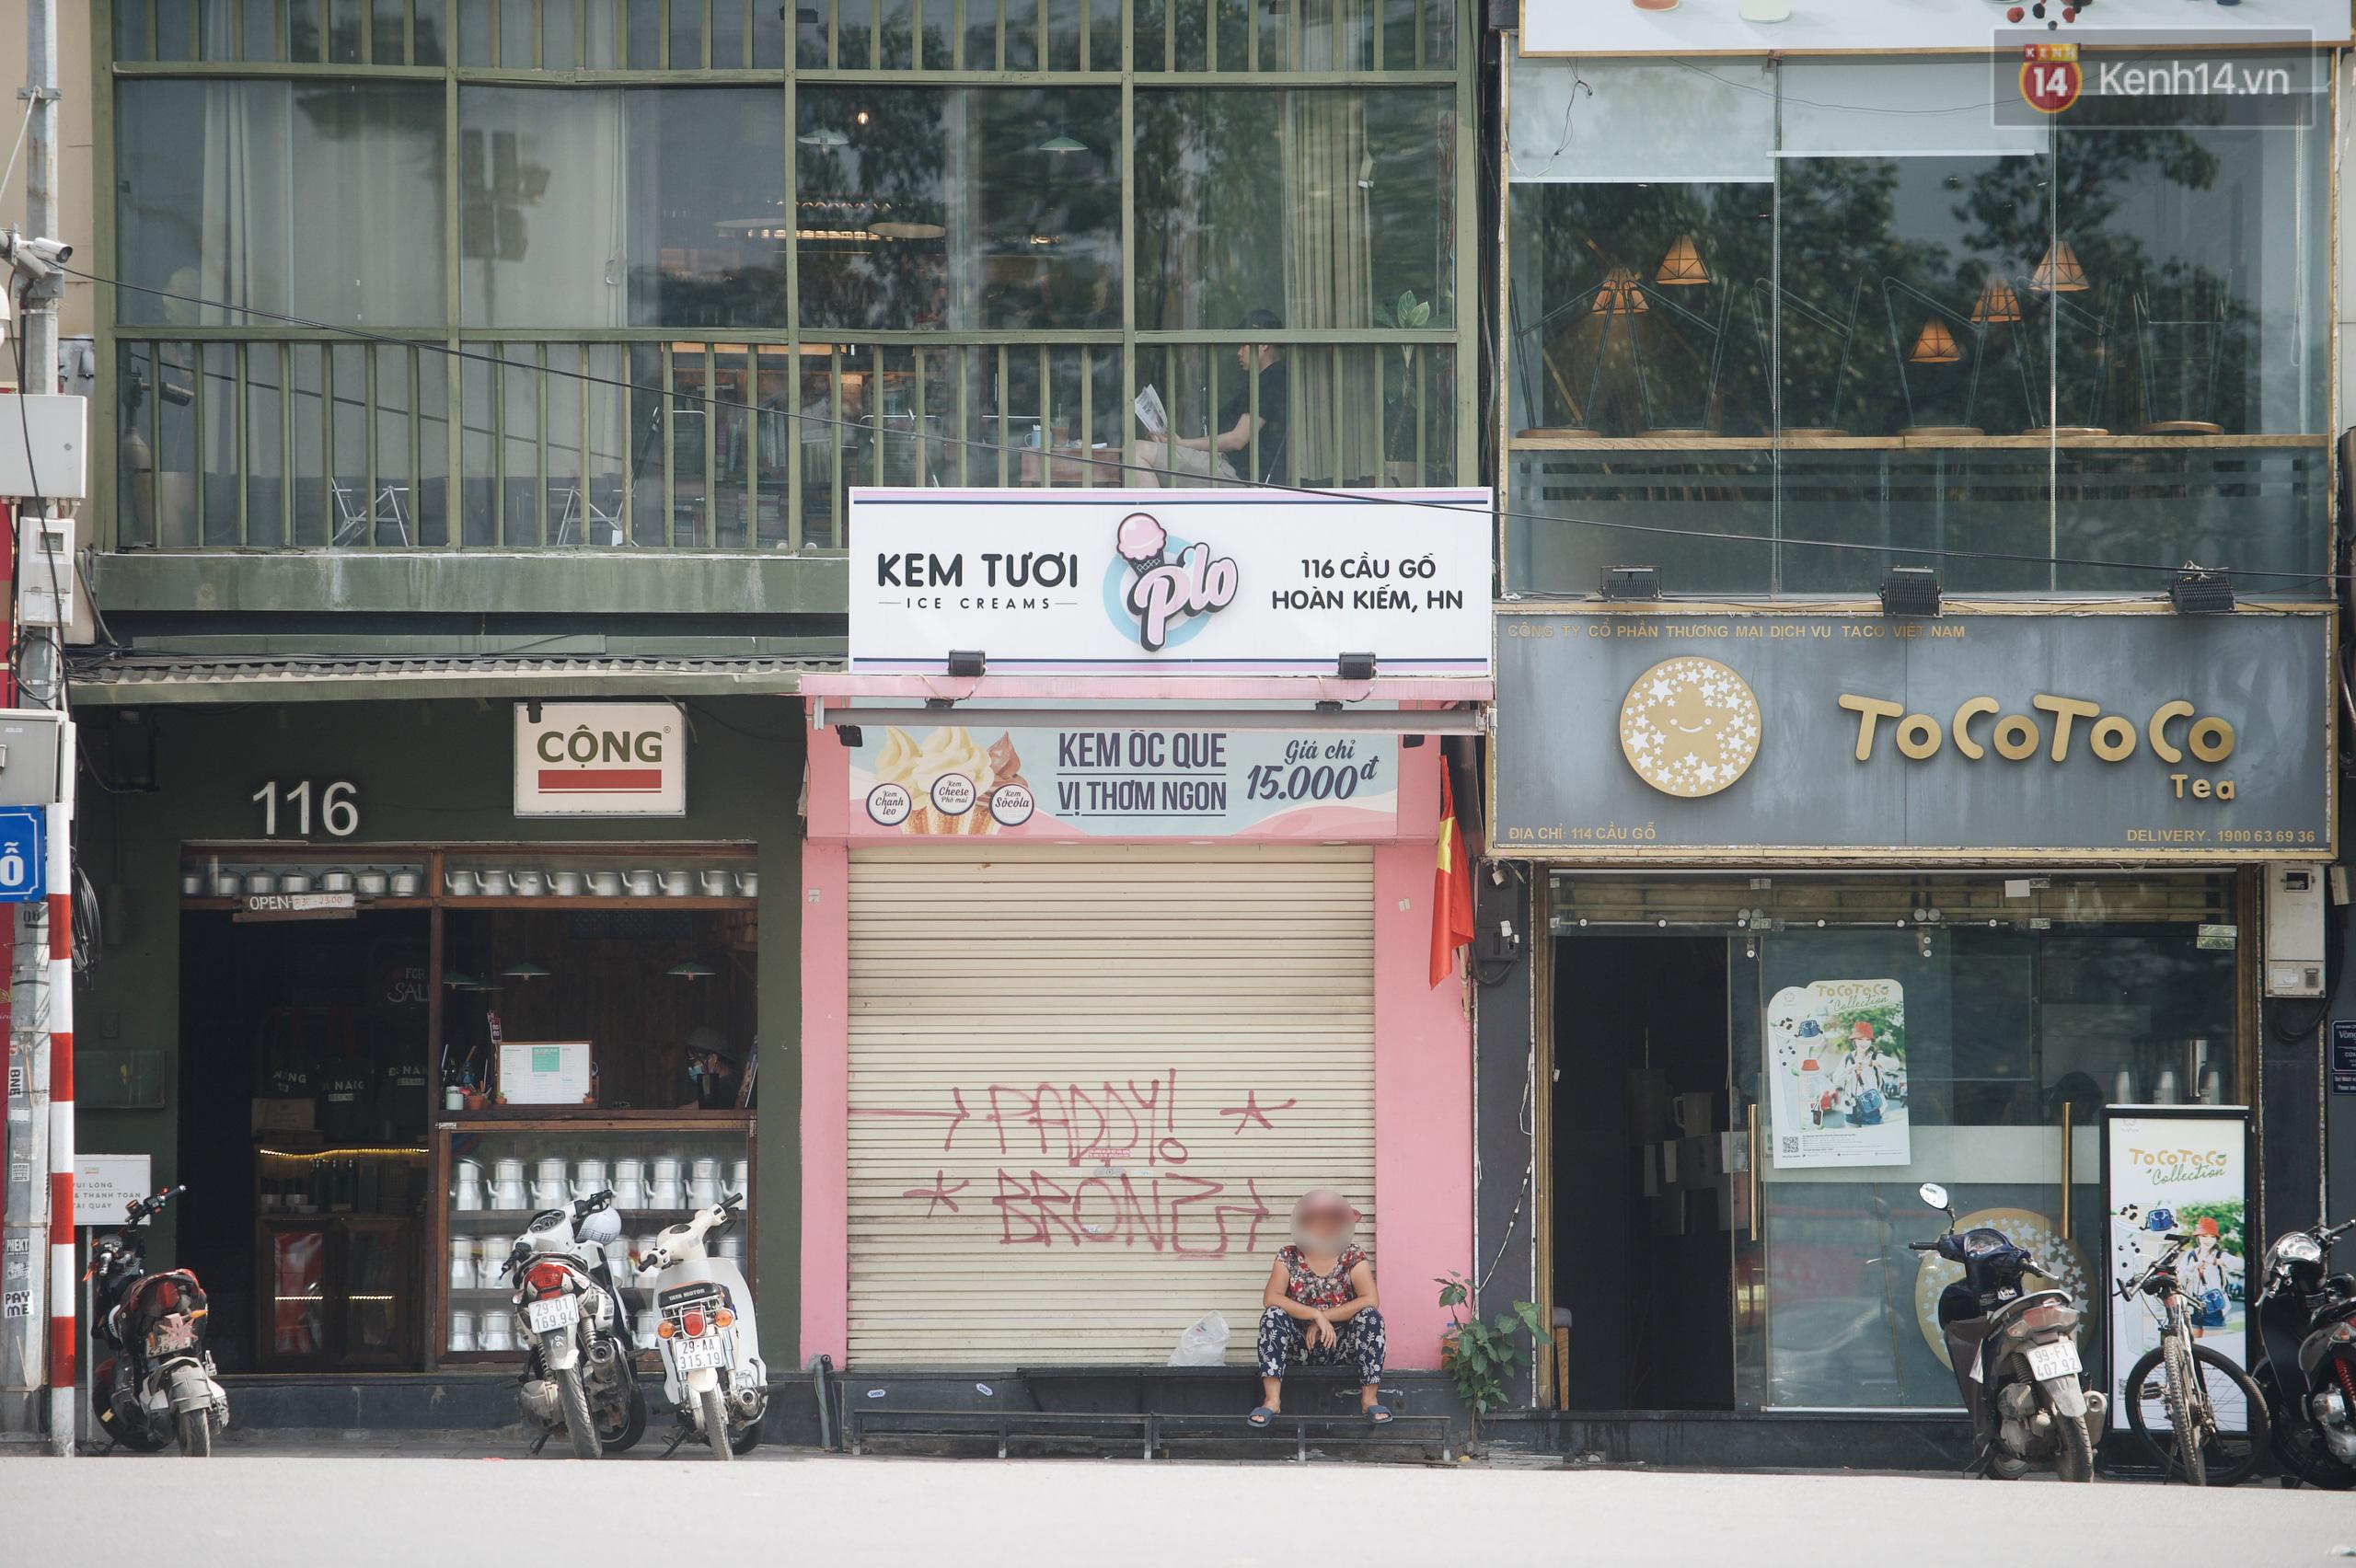 Phố xá Hà Nội ngày đầu toàn dân đi làm trở lại: Lác đác hàng ăn sáng mở cửa, cà phê hiếm bóng người - Ảnh 5.